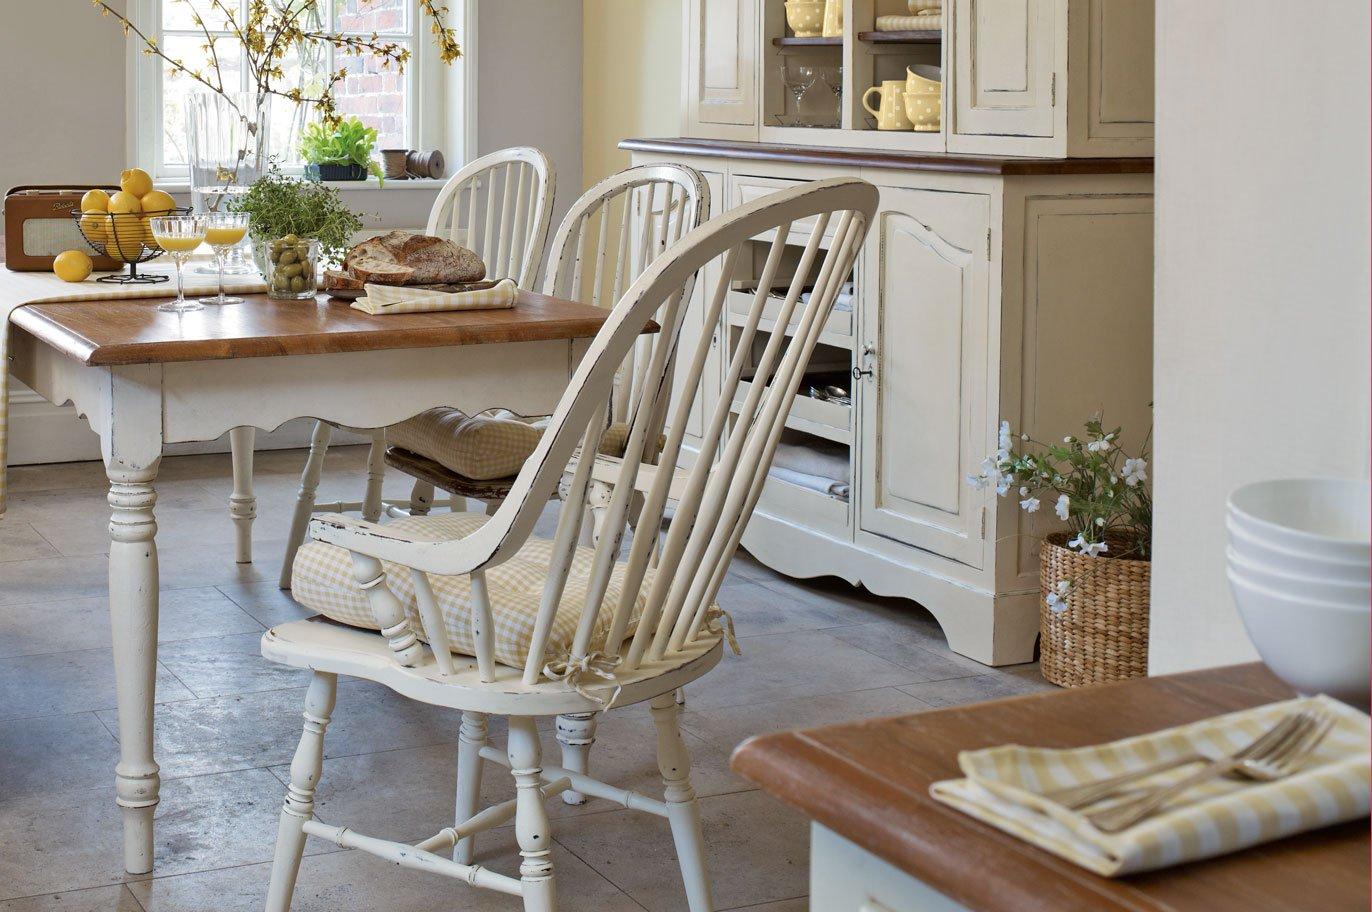 Muebles para una cocina de estilo ingl s decoraci n del for Sillas de estilo